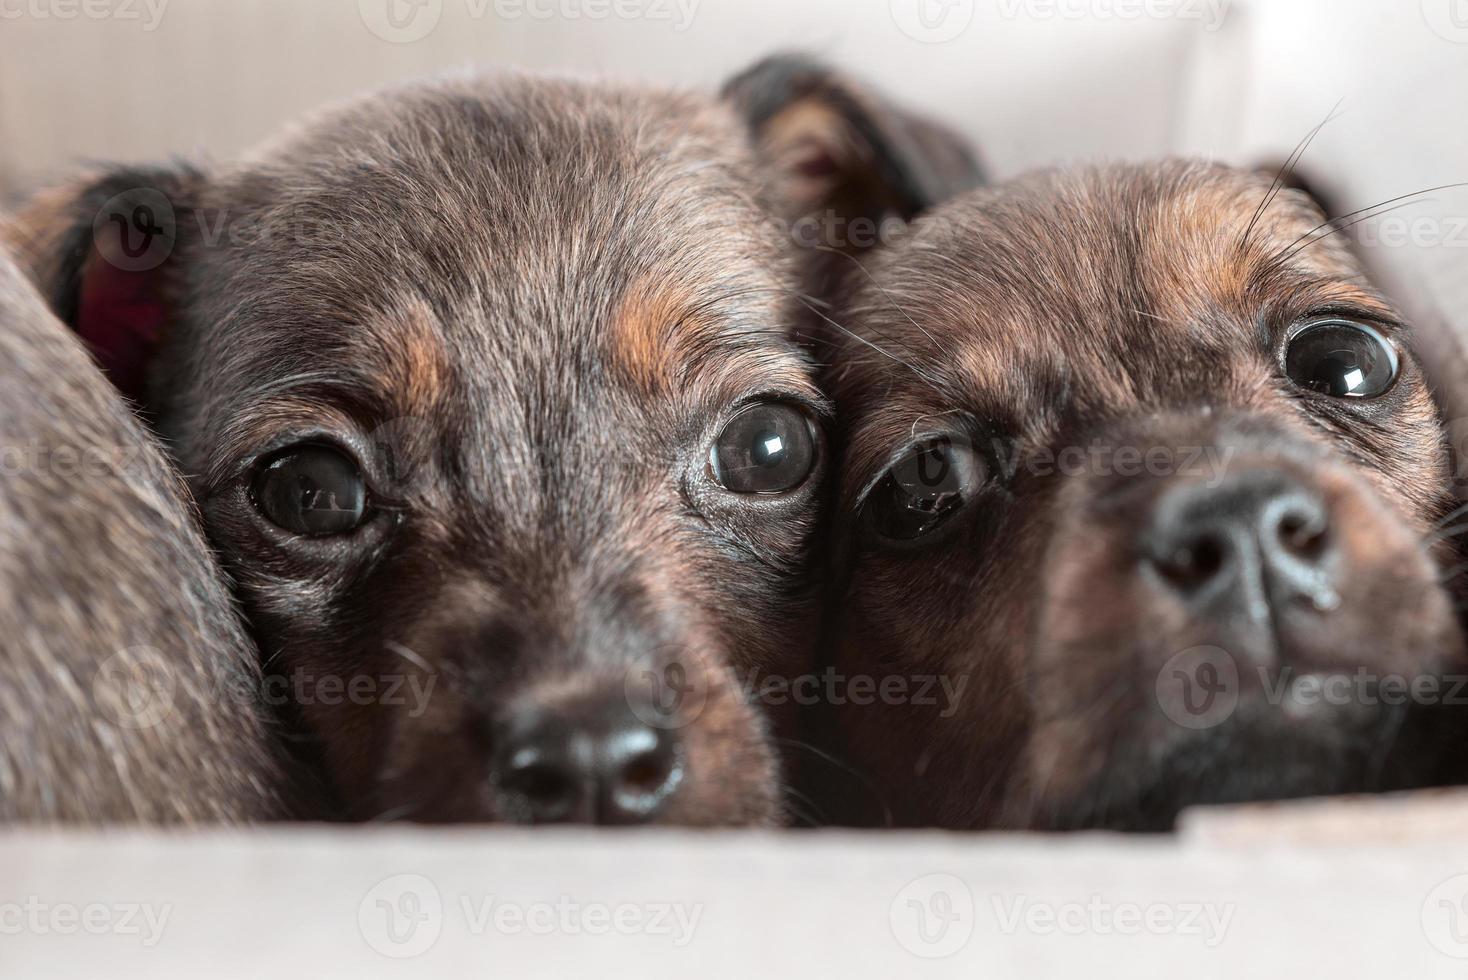 Dos cachorros exógenos en una caja de cartón sobre un fondo blanco. foto